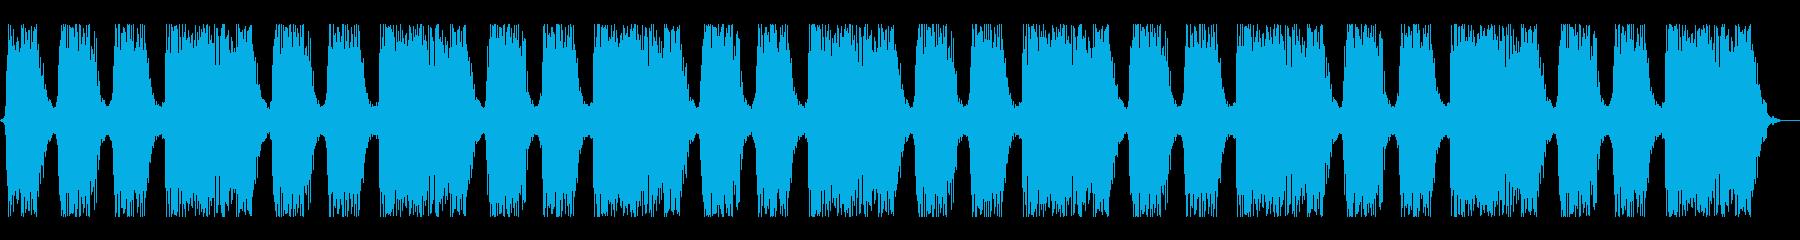 ハードコア風ショートサウンド#03の再生済みの波形